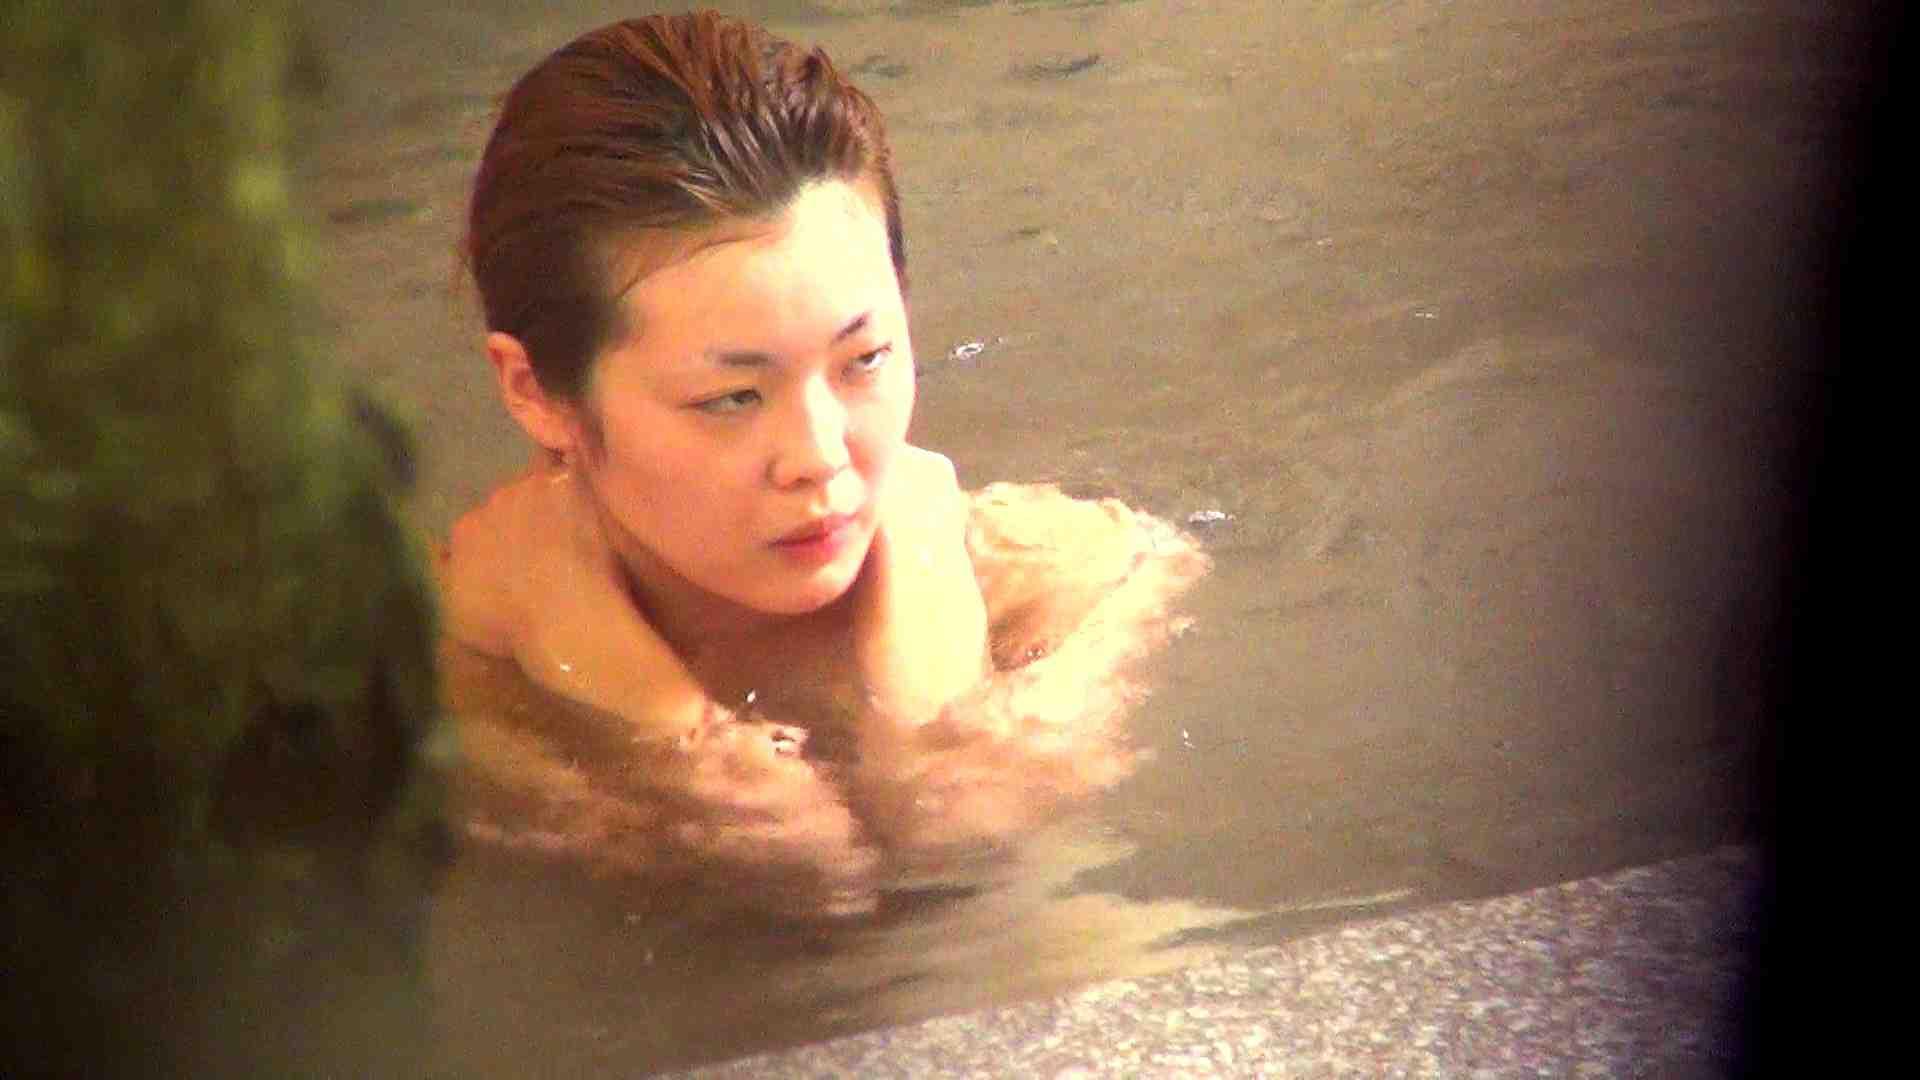 Aquaな露天風呂Vol.288 盗撮シリーズ  79PIX 76